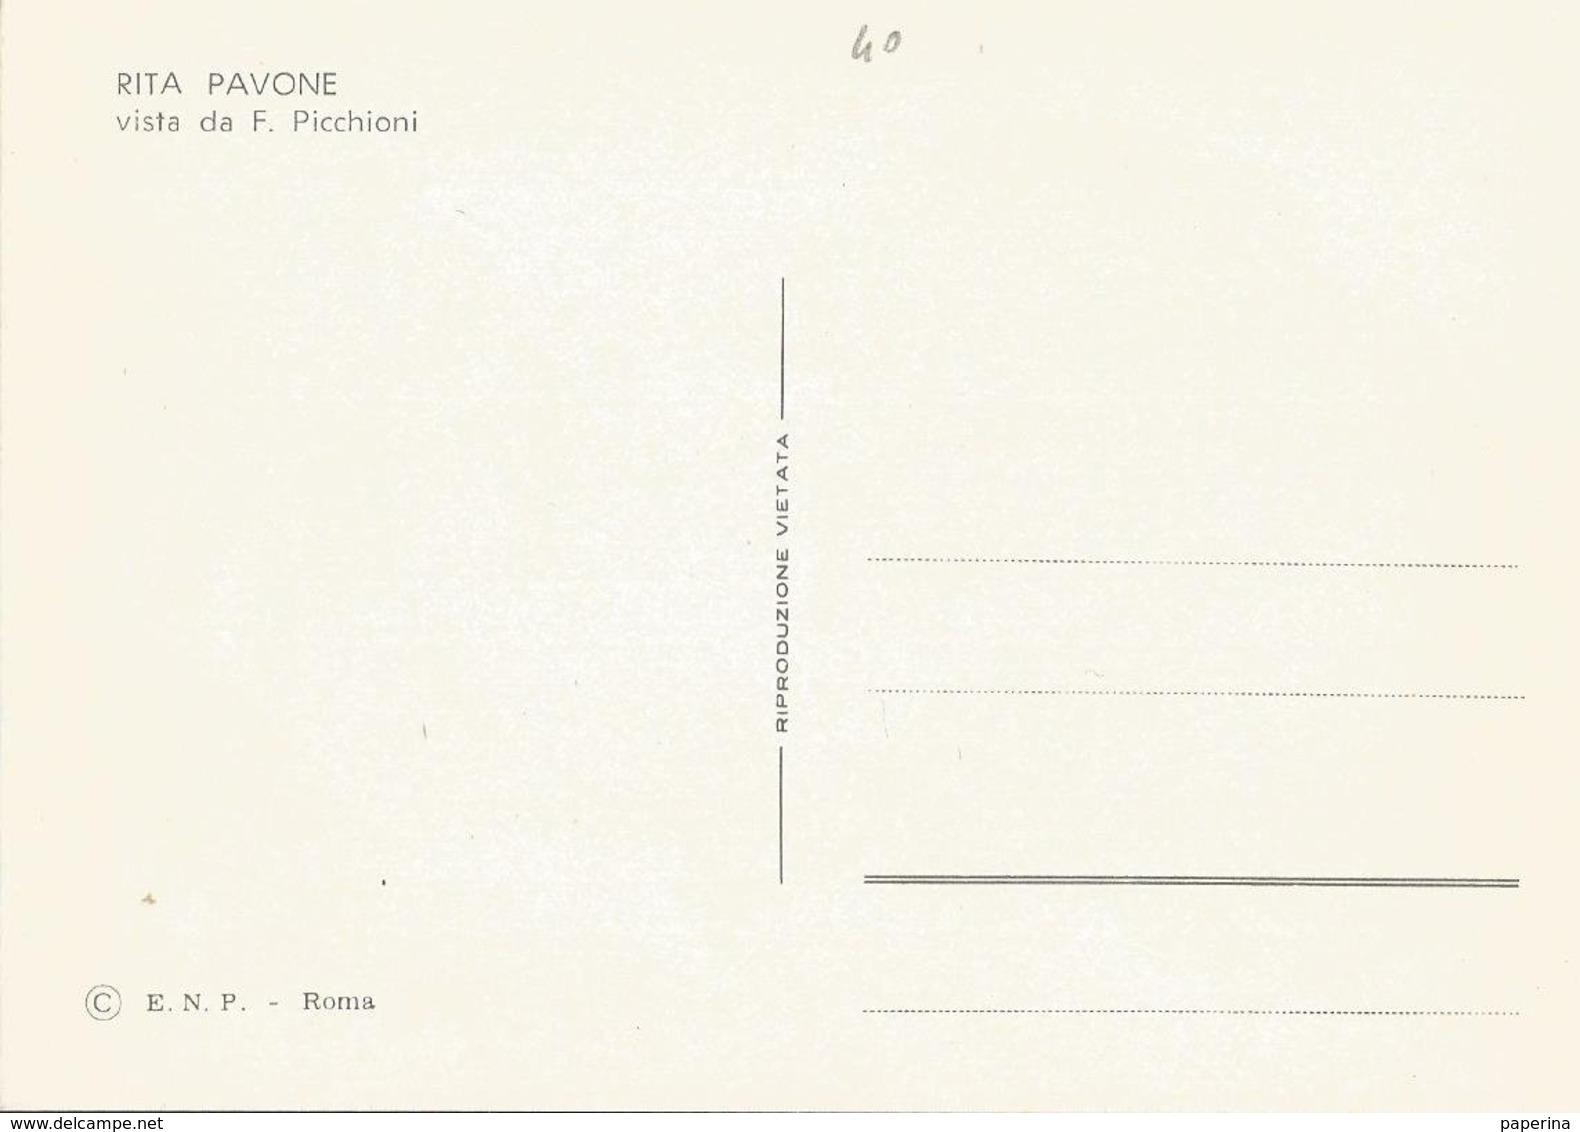 CART. DISEGNATA DA PICCHIONI I BIG DELLA CANZONE  RITA PAVONE   (40) - Cantanti E Musicisti